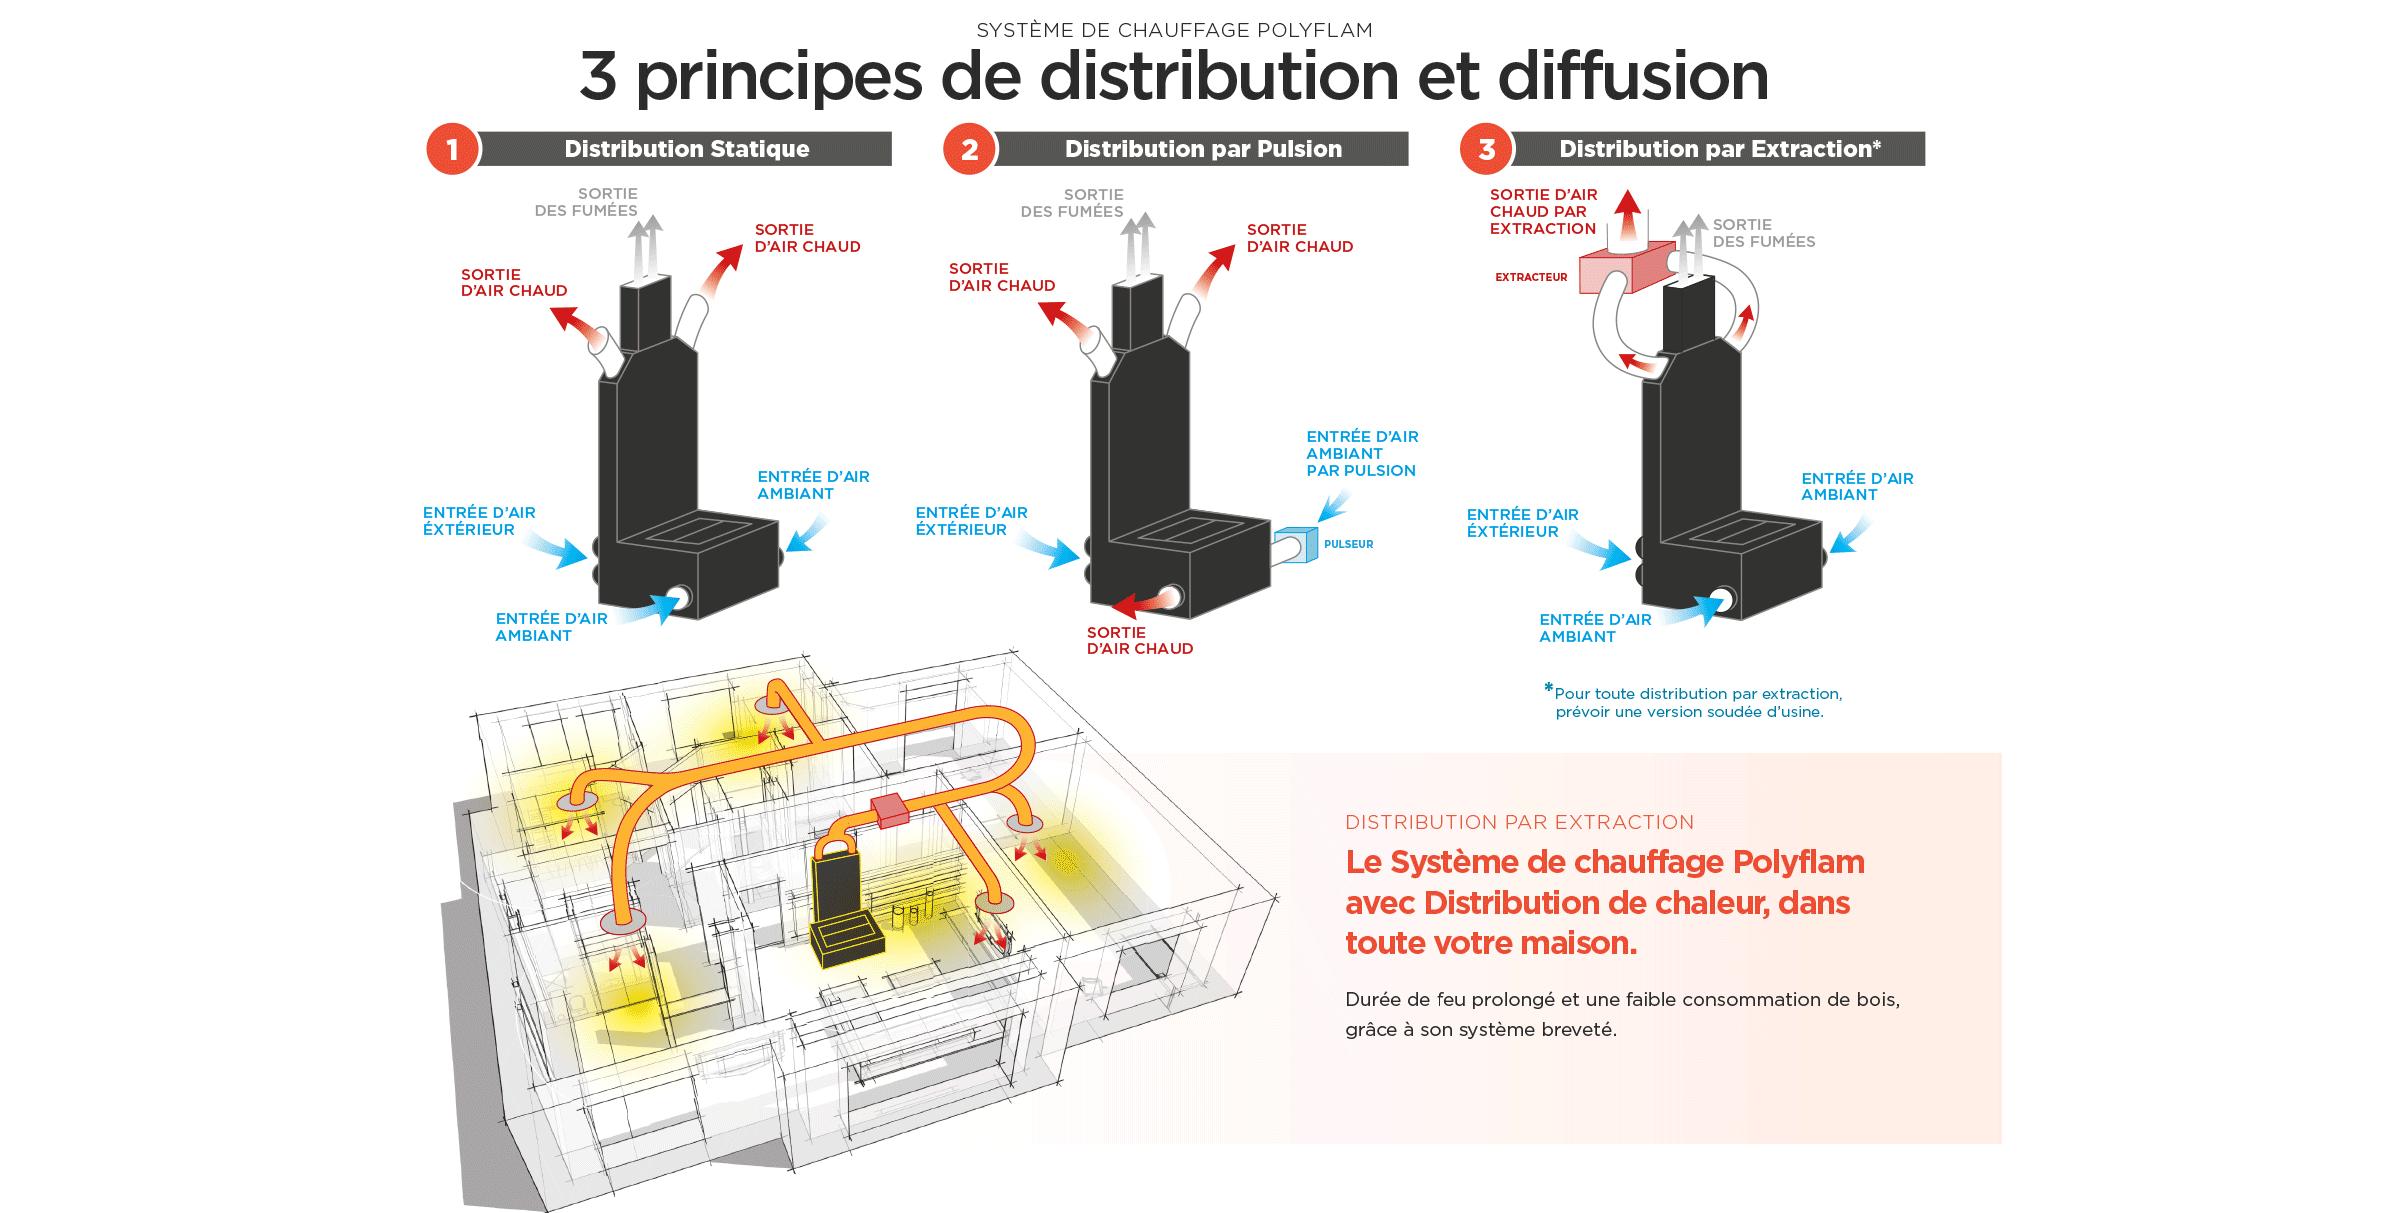 Système Polyflam de distribution et diffusion